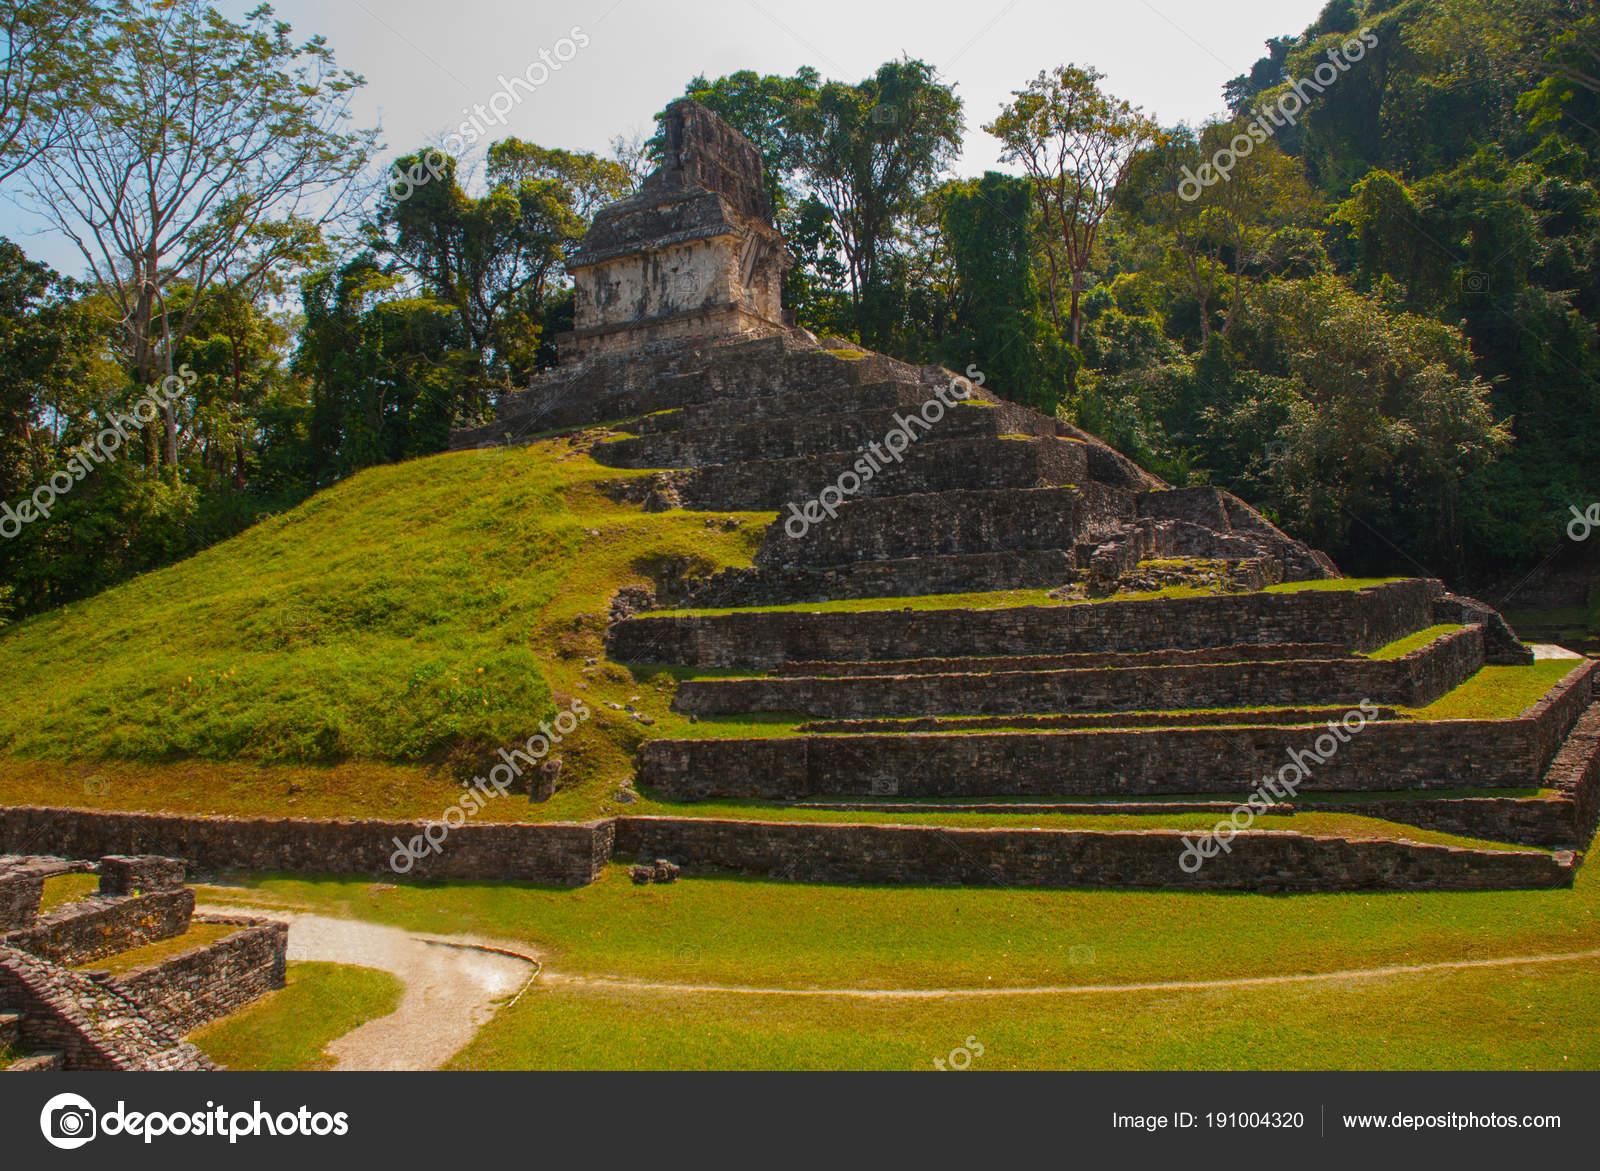 Gran pirámide. Paisaje de la antigua ciudad Maya. Ruinas mayas ...